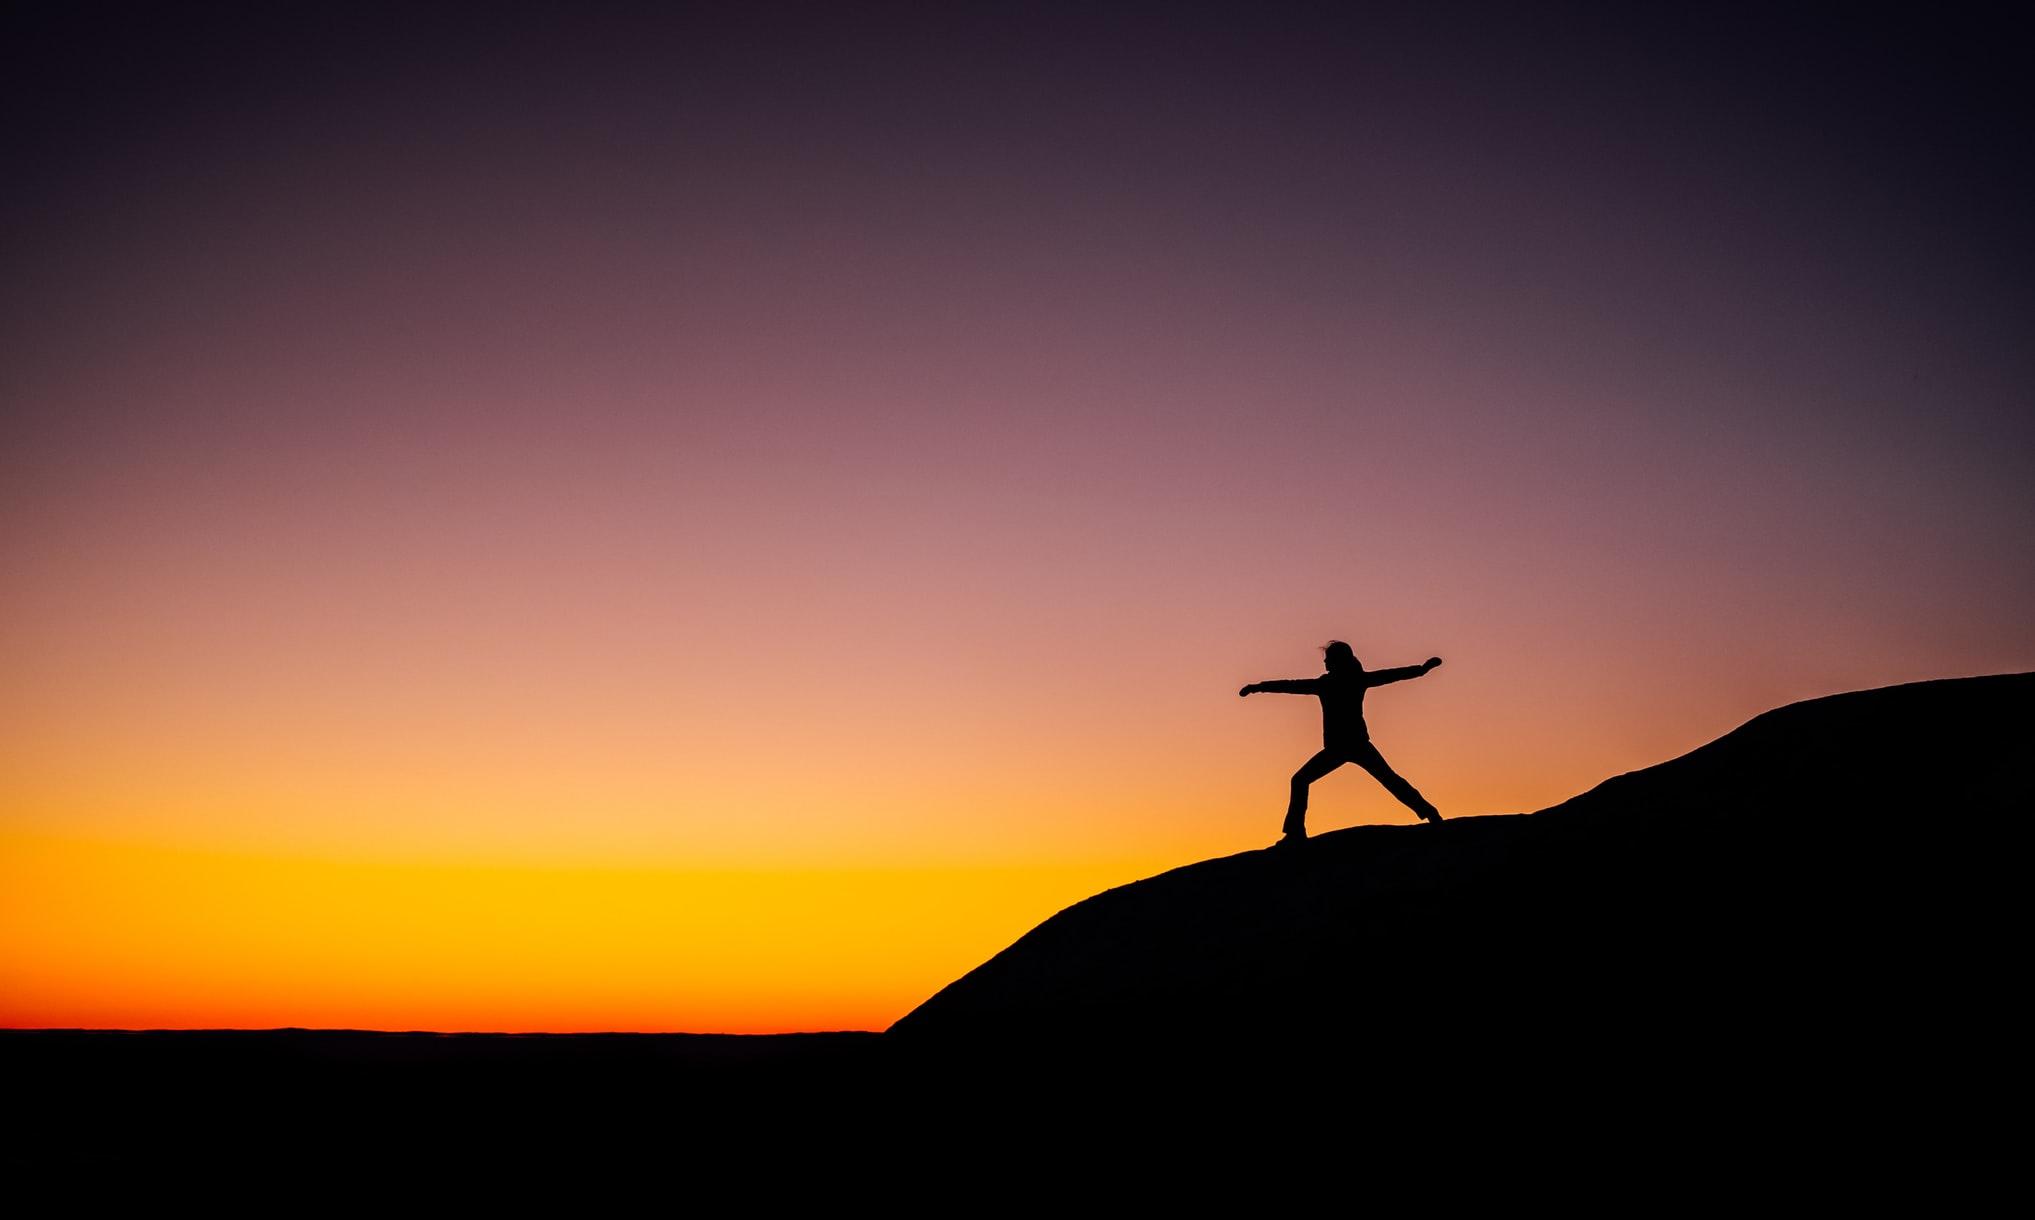 Este artículo explora algunas herramientas que nos ayudan a mantener el pensamiento positivo incluso en tiempo de dificultad.